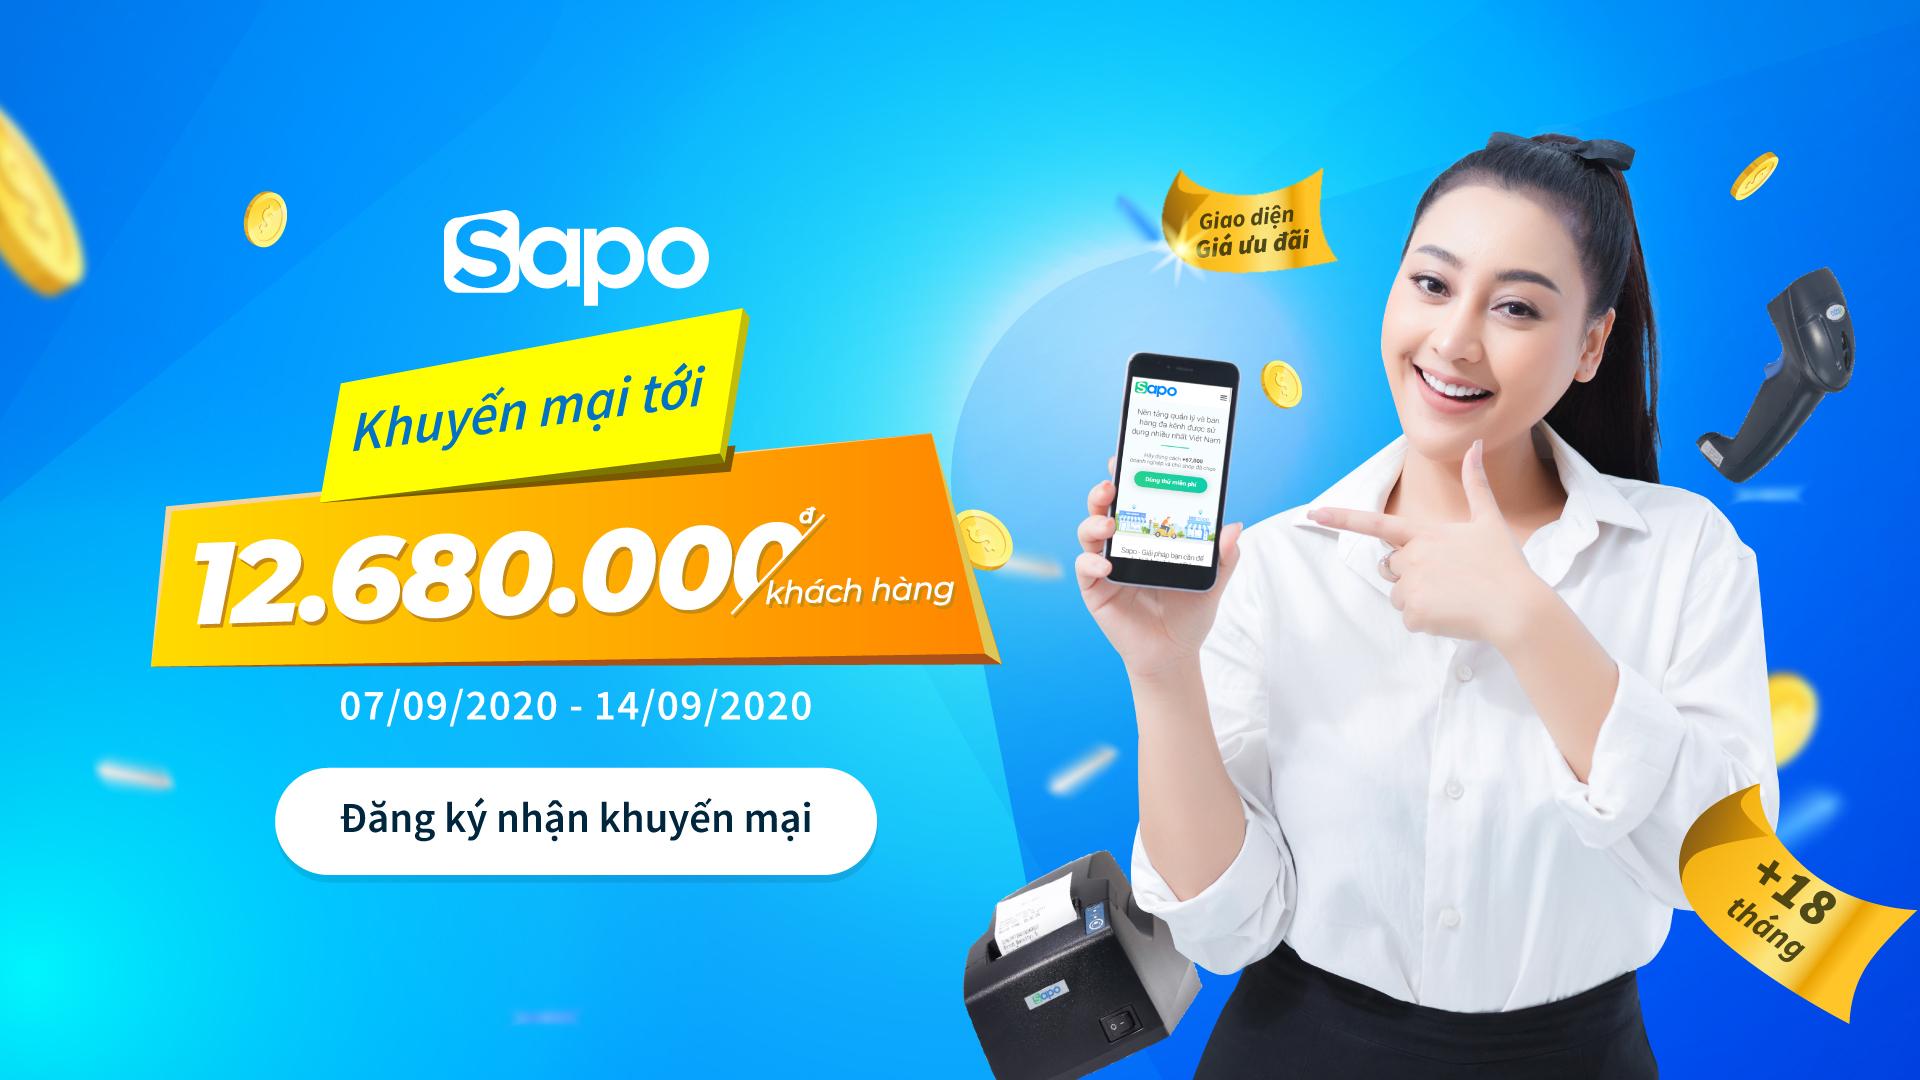 Chào Tháng 9: Sapo khuyến mại cực hấp dẫn cho các khách hàng mới